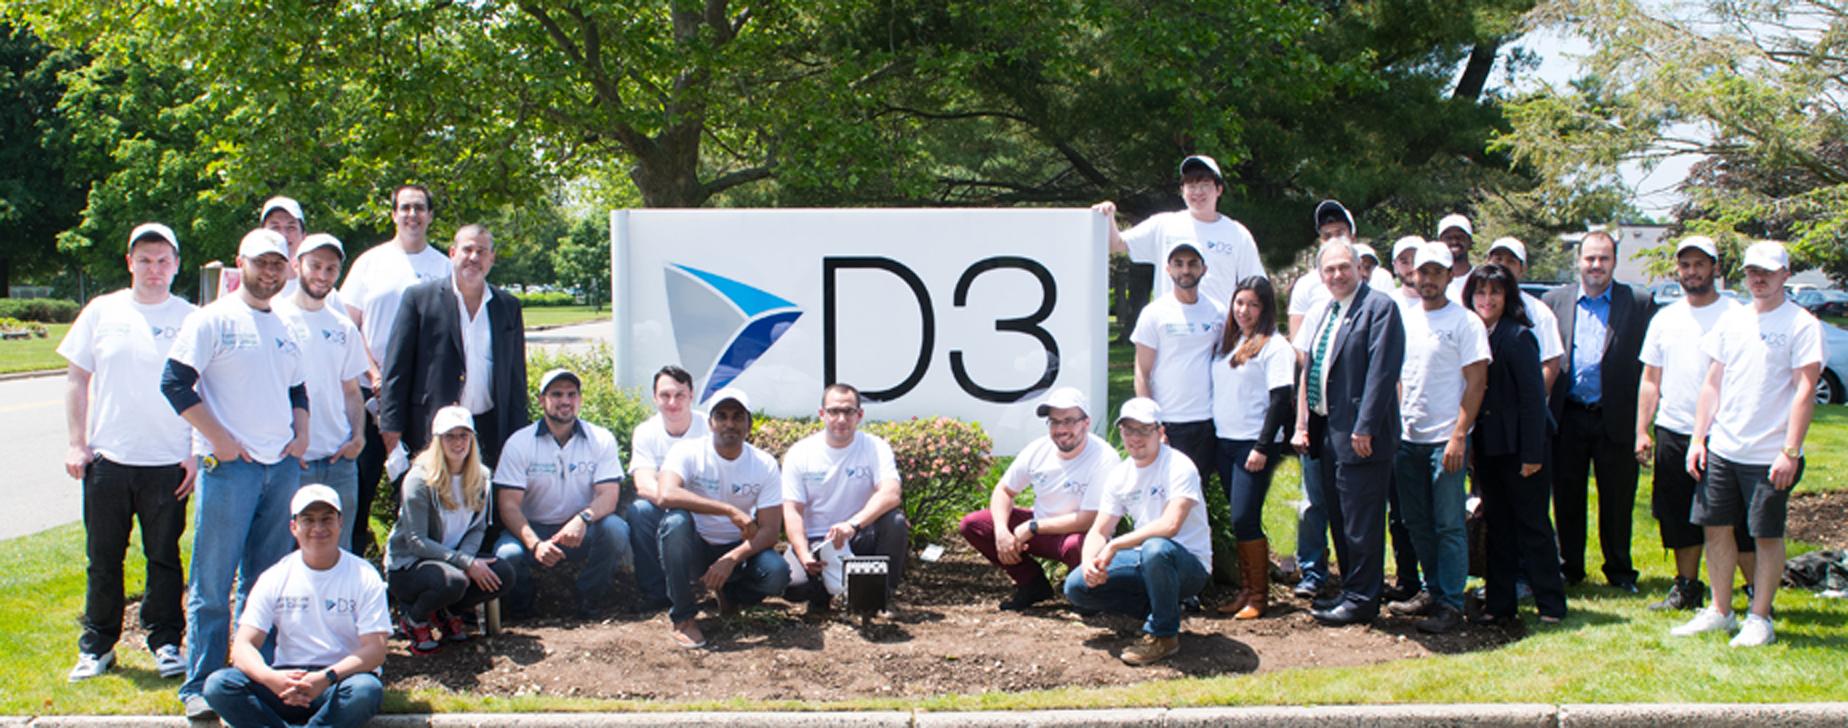 Corporate Engagement D3